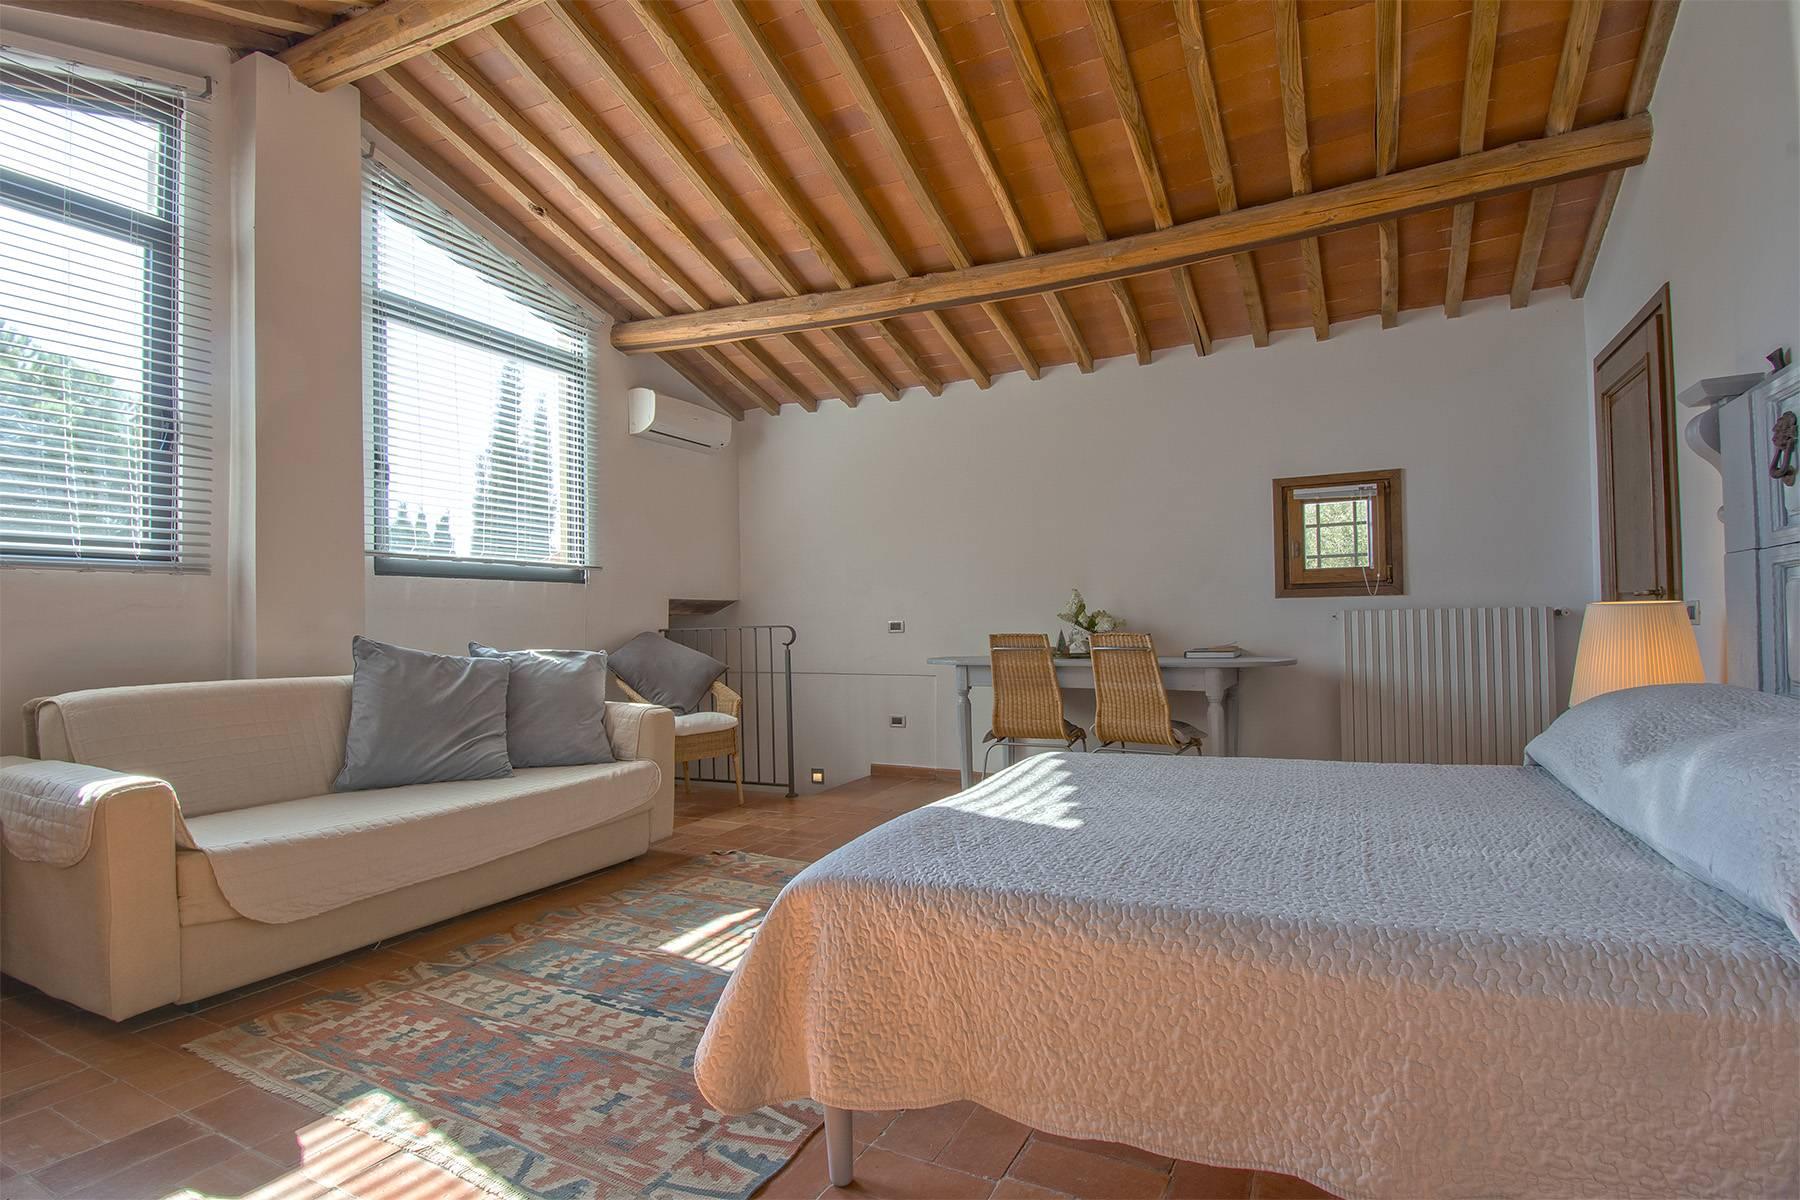 Villa in Vendita a Montecatini-Terme: 5 locali, 250 mq - Foto 27